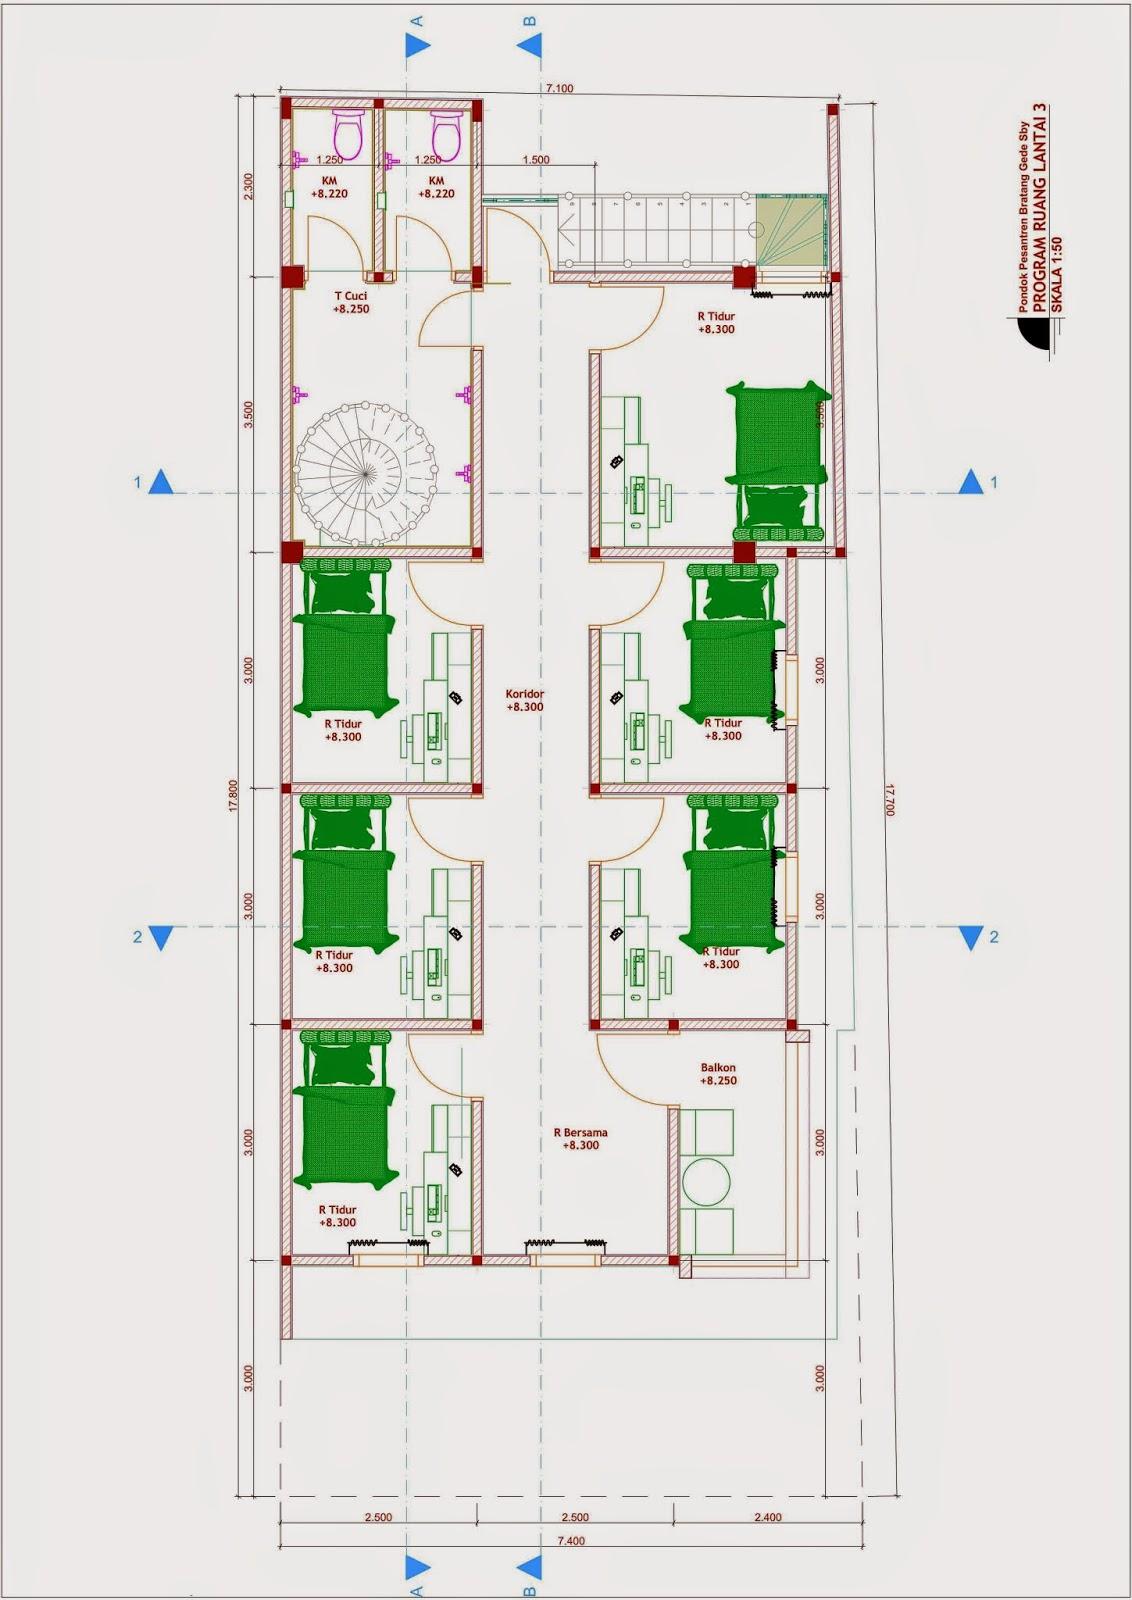 Desain Rumah Minimalis Jadi Pesantren - Denah Lt 3